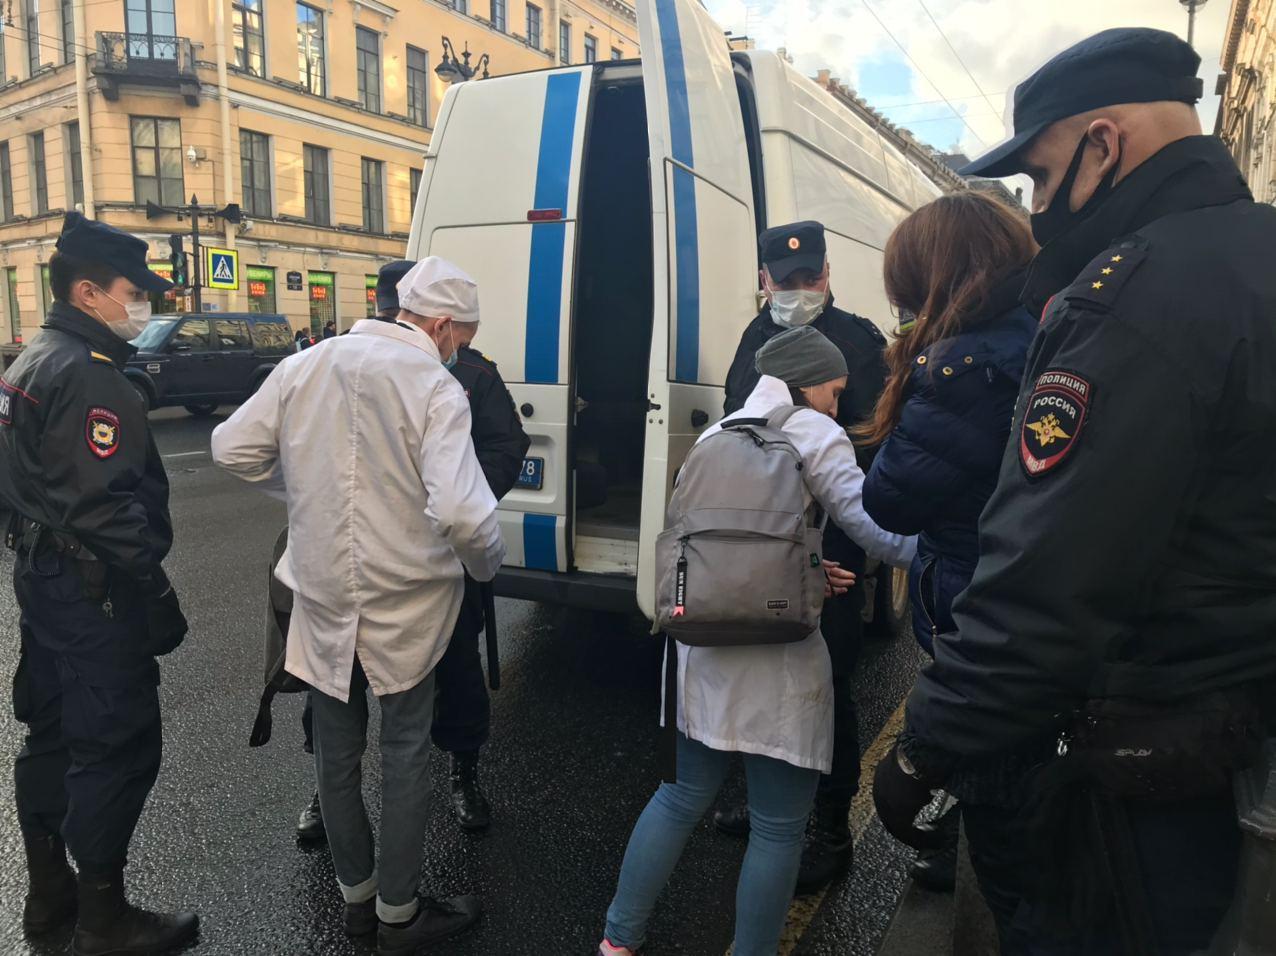 Полиция задержала участников перфоманса в поддержку ЛГБТ-активиста Меркулова в Петербурге